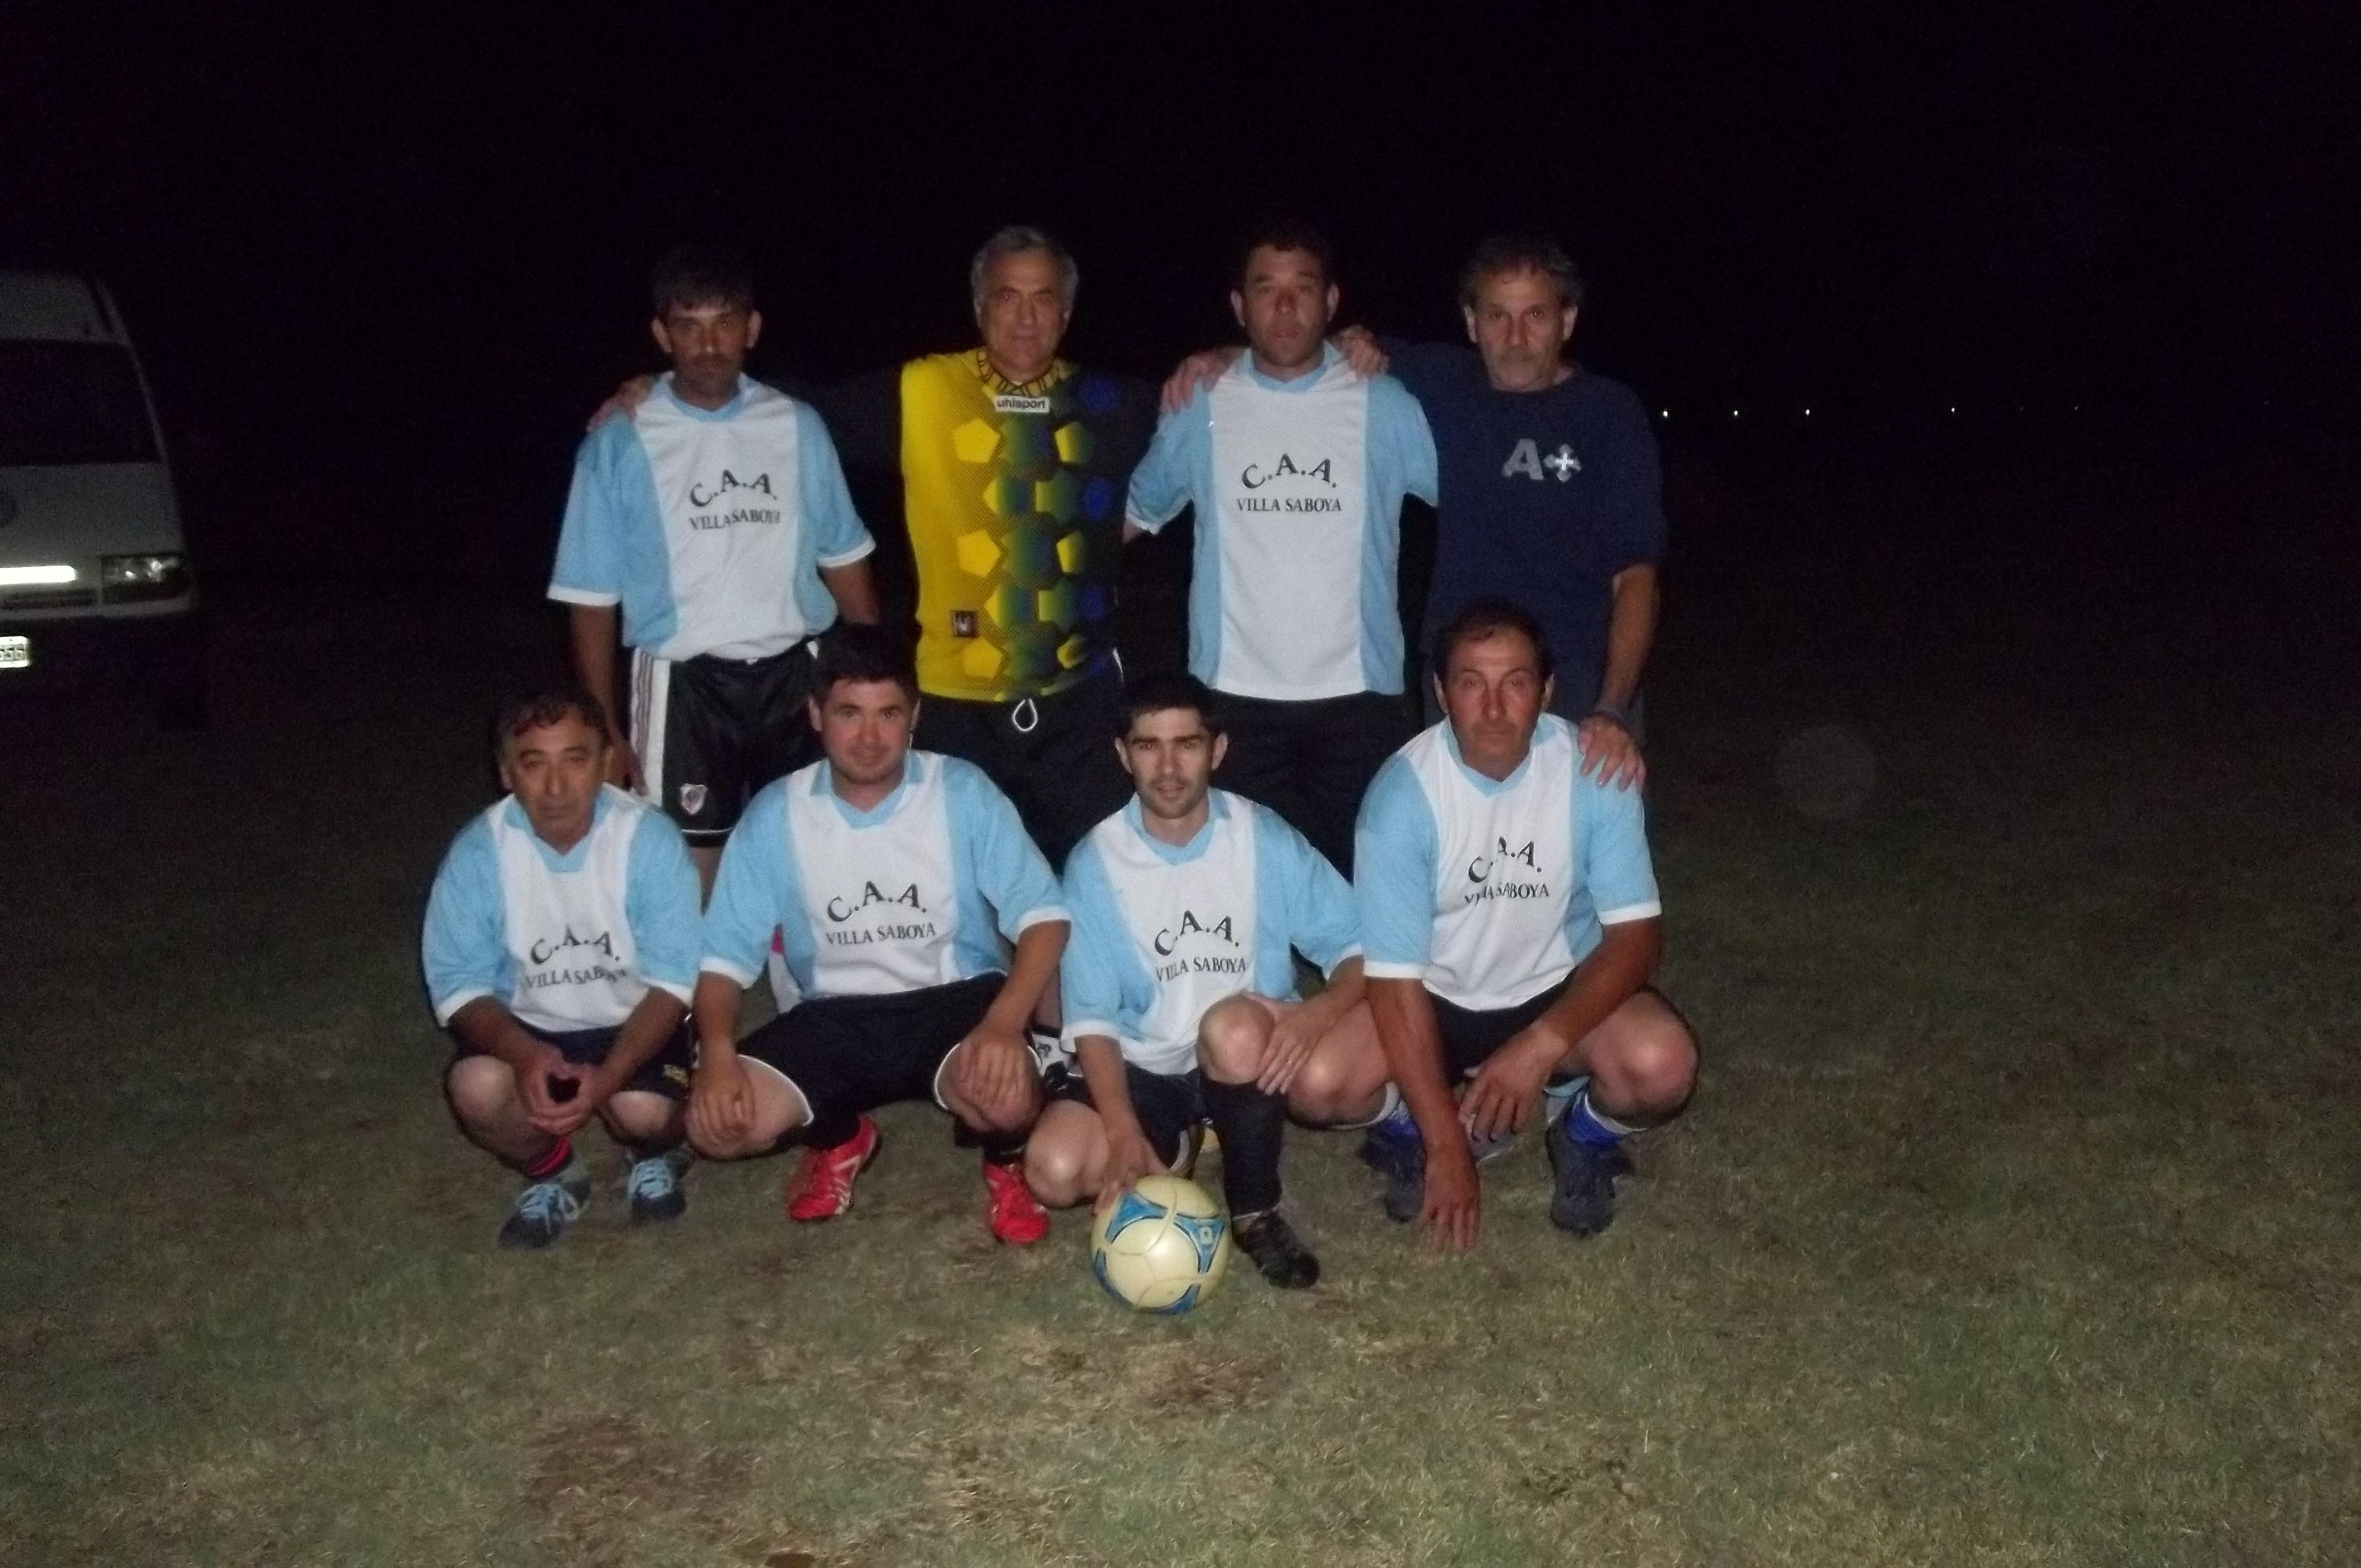 Villa Saboya participa del Torneo de Papi fútbol en Cañada Seca